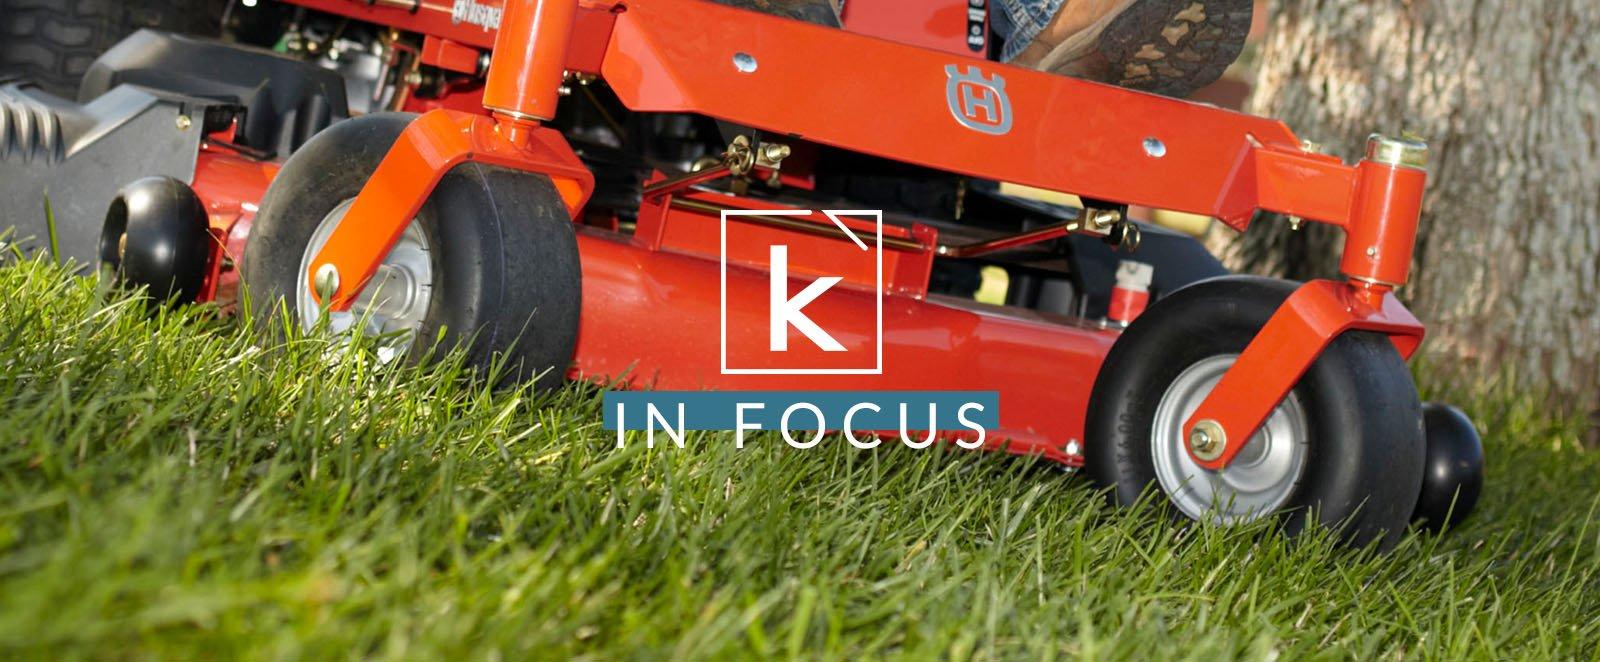 In Focus Blog TemplateBLOG PROMOS